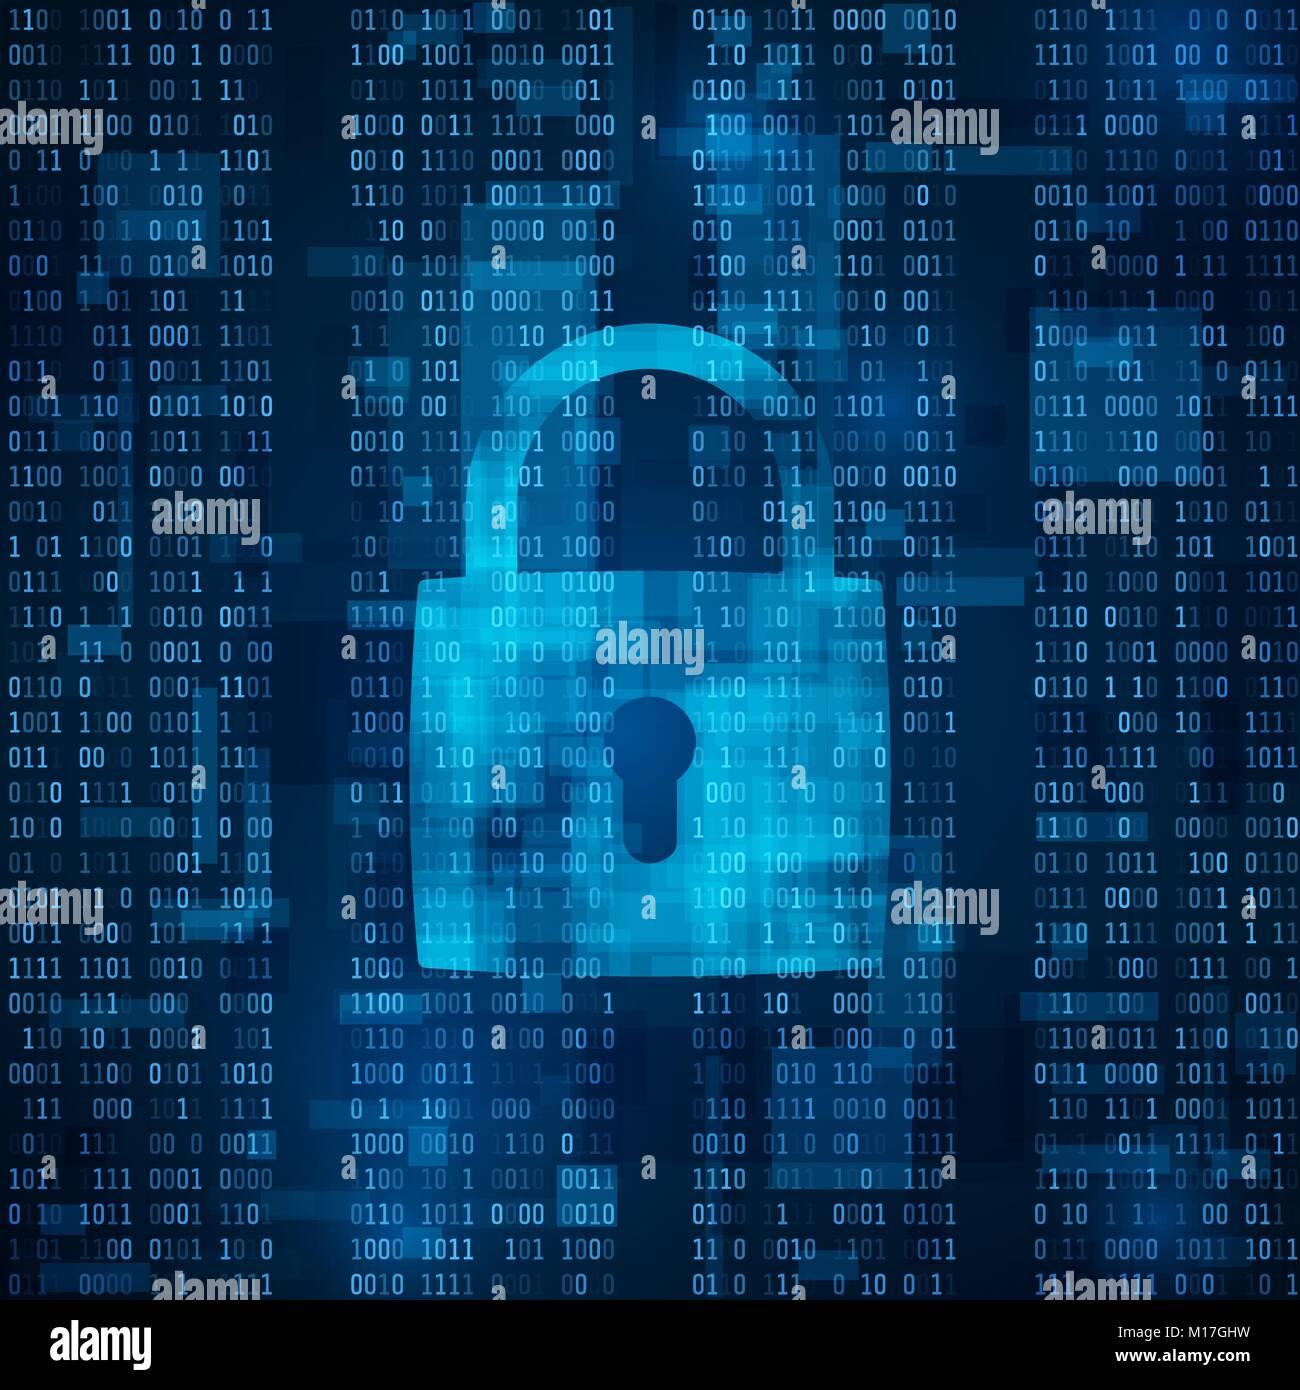 Verrouillage d'attaque de la protection des données. de piratage. logiciel antivirus. sécurité Photo Stock